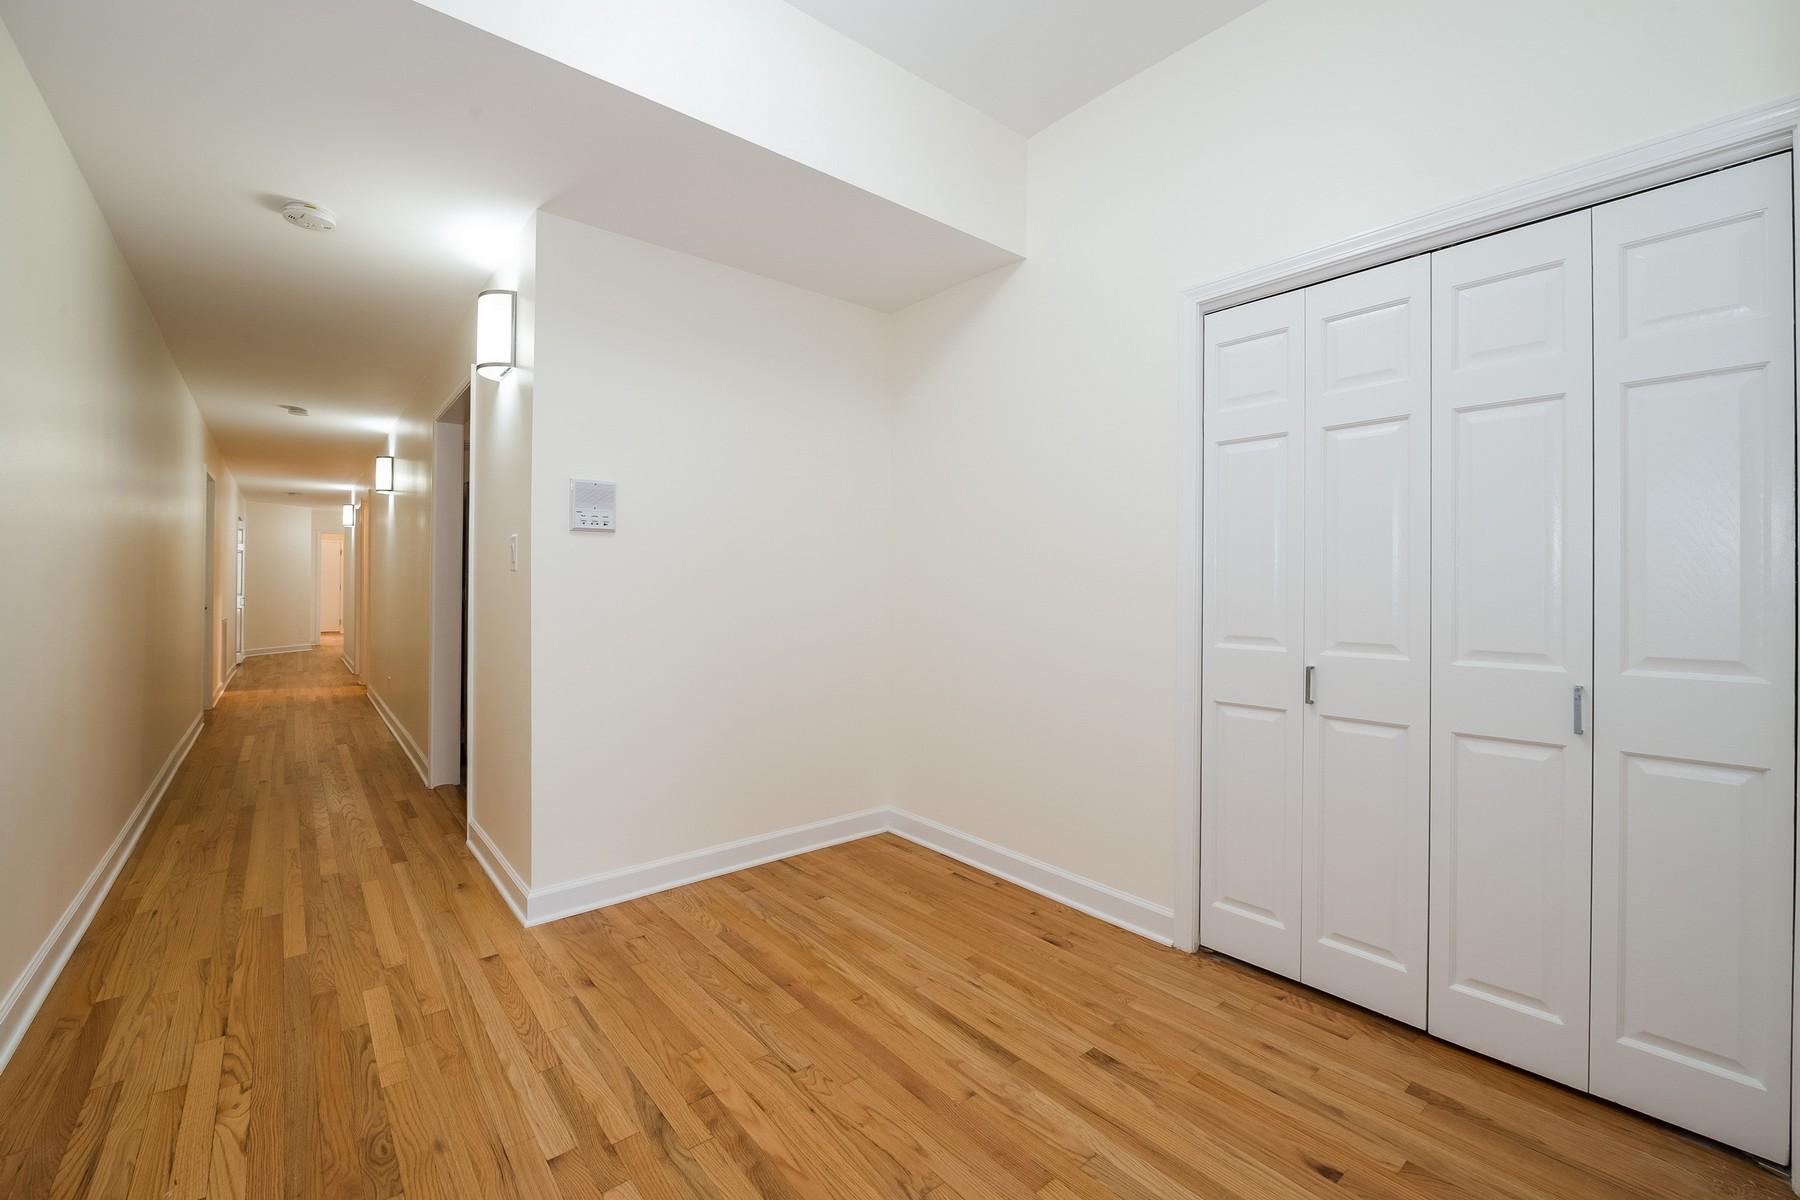 共管式独立产权公寓 为 销售 在 Expansive, Elevated, First Floor Residence 4721 S Drexel Boulevard Unit 1S, 芝加哥, 伊利诺斯州, 60615 美国